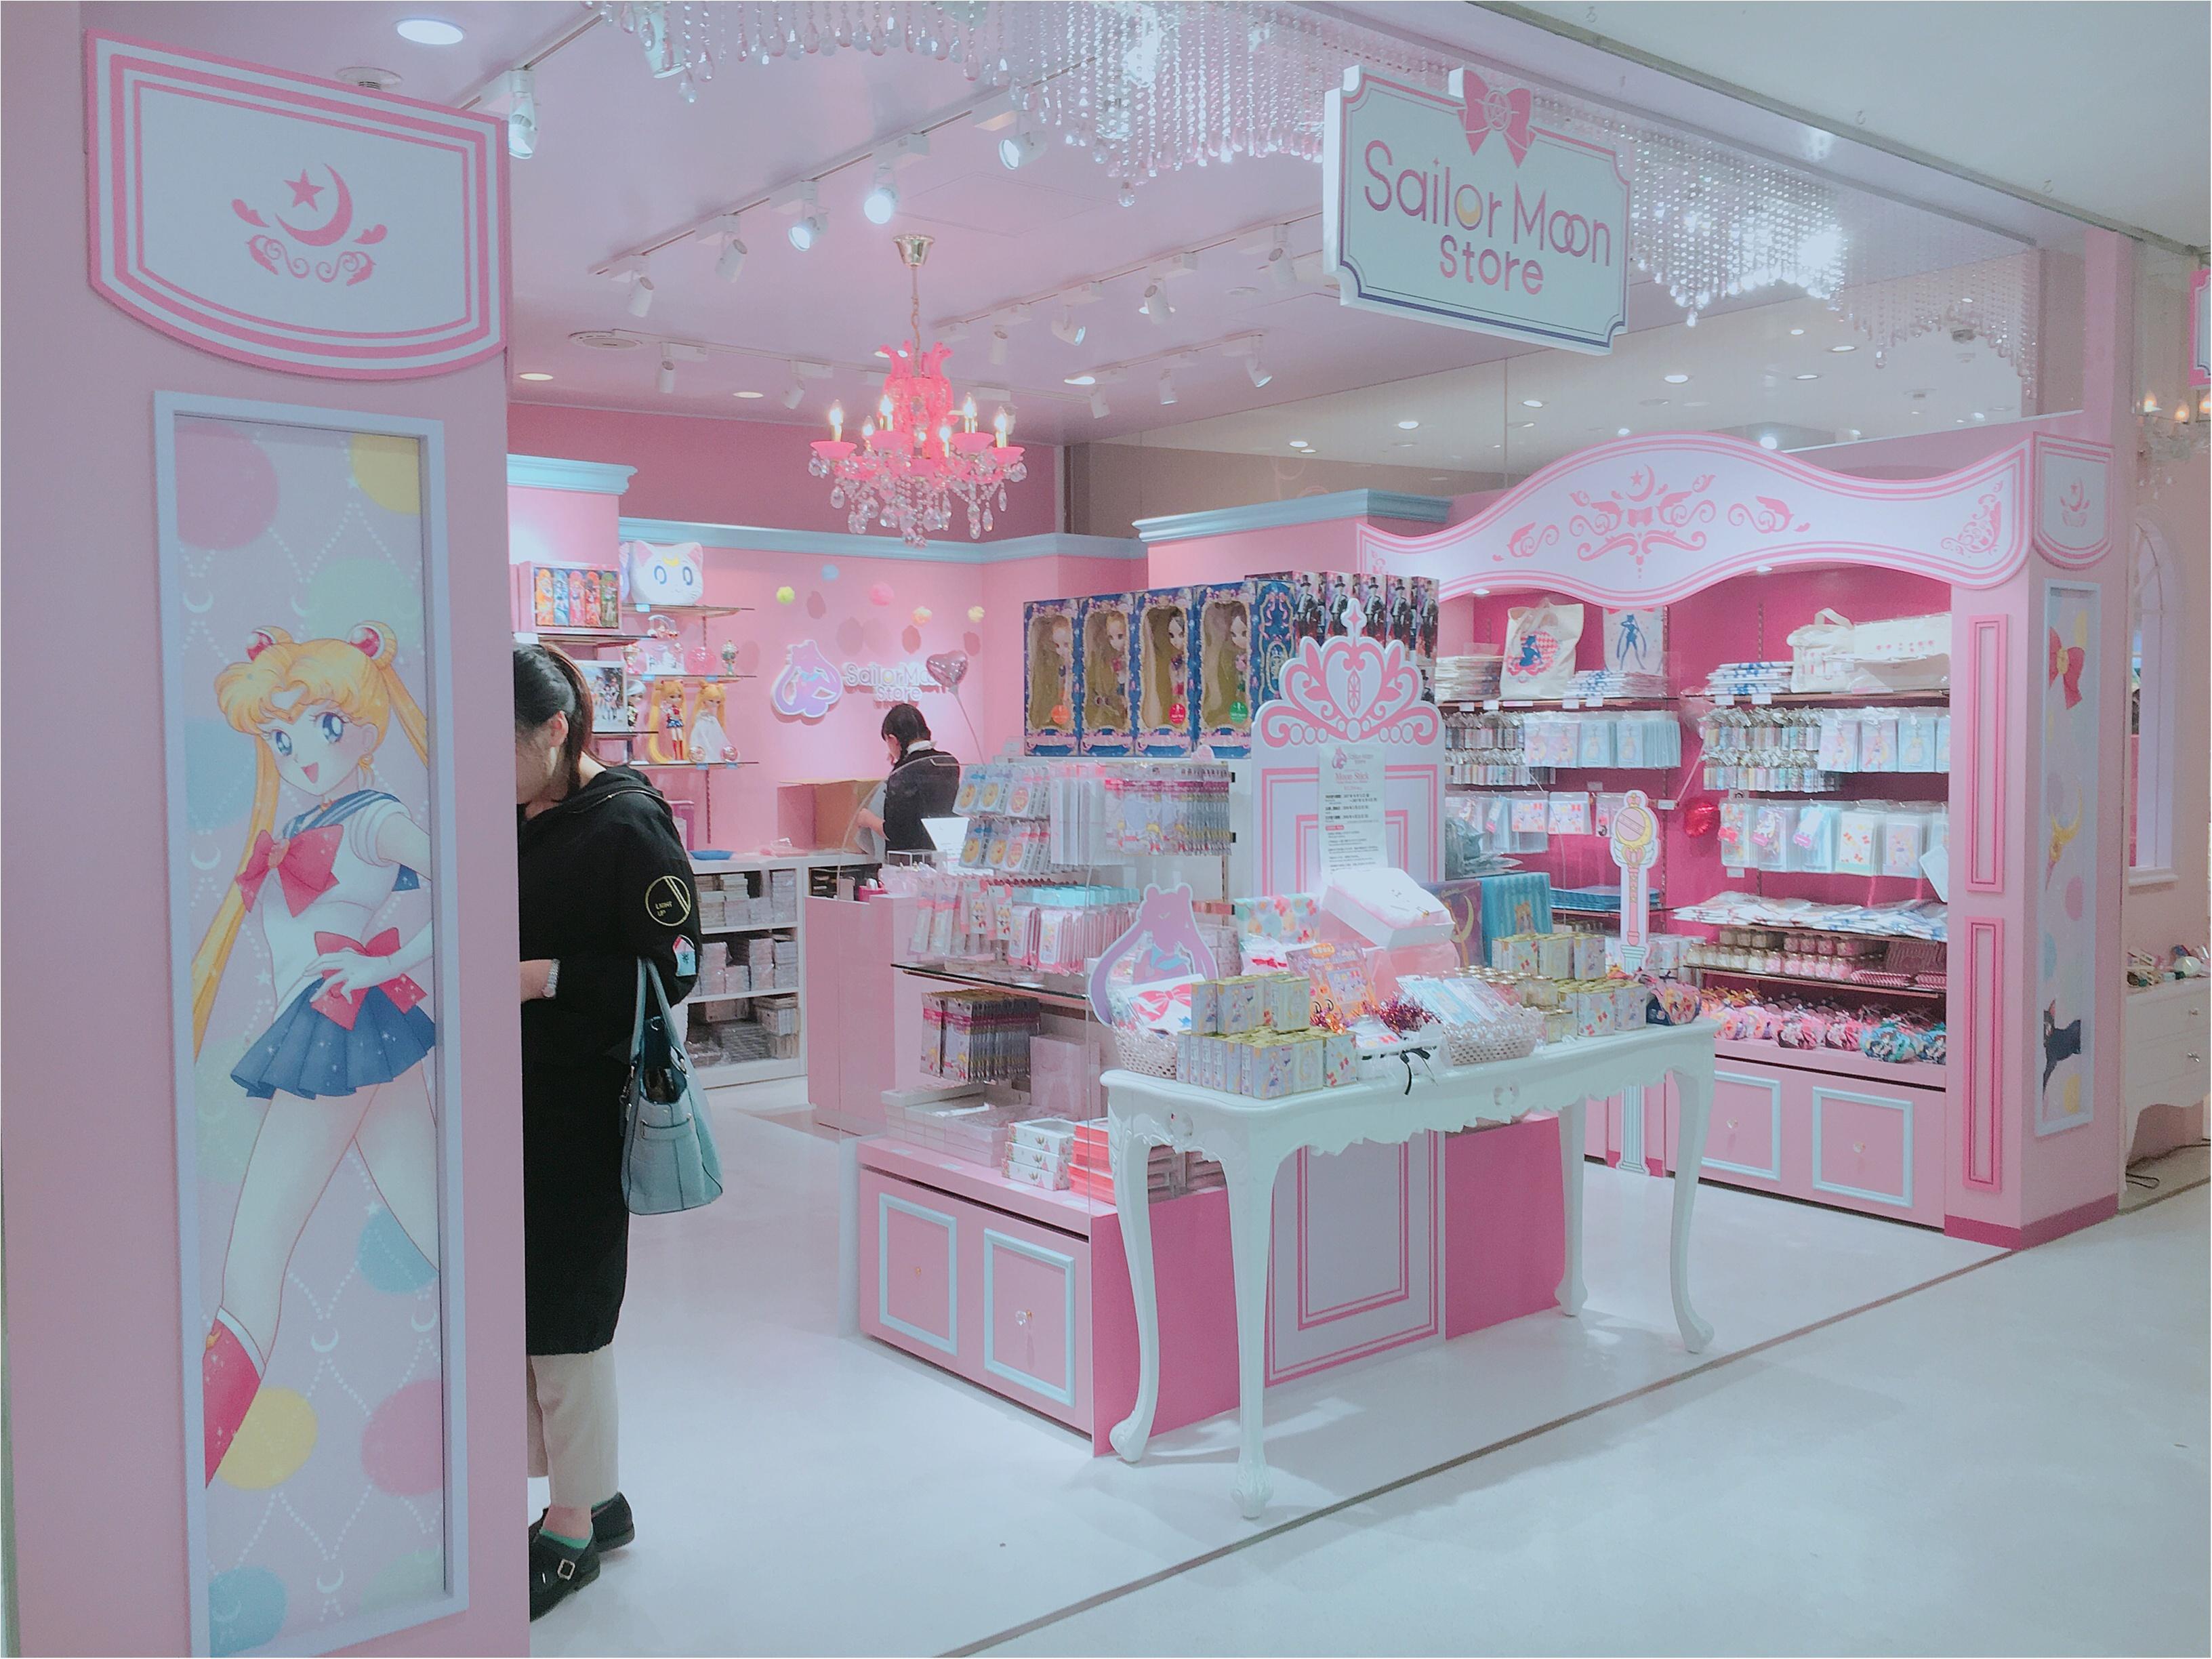 【セーラームーン25周年】世界初のオフィシャルストア誕生!『Sailor Moon store』に行ってみた!_2